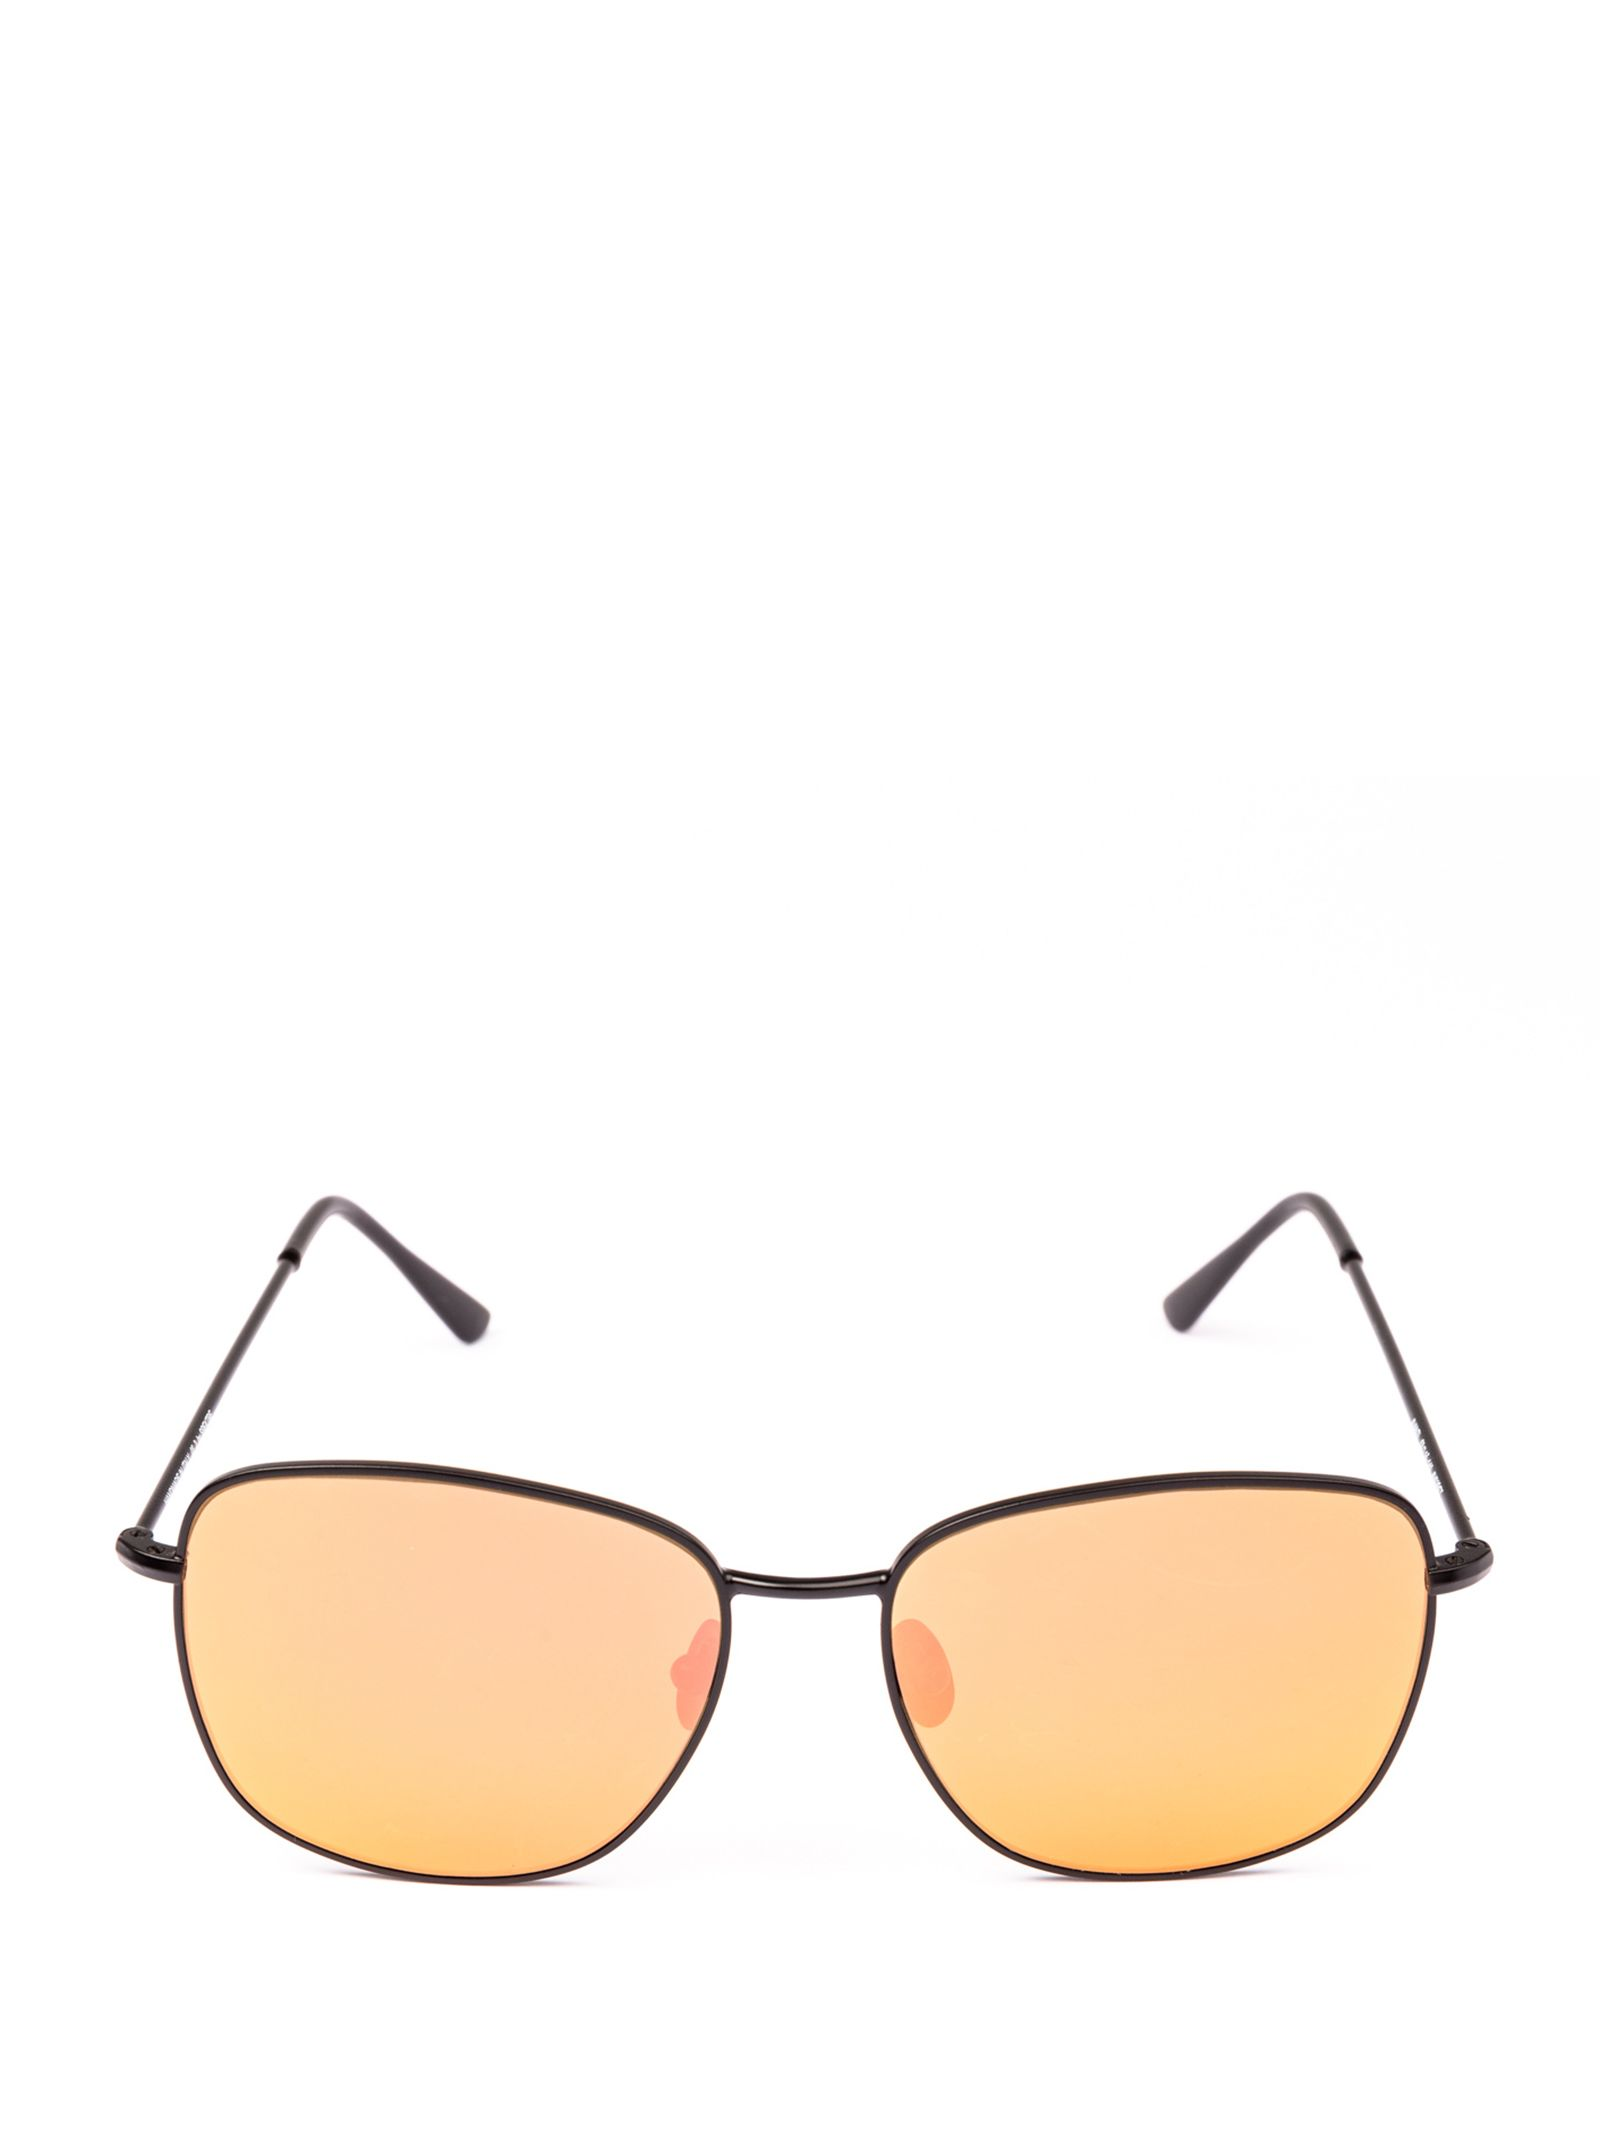 SPEKTRE Sunglasses in Av03Bft